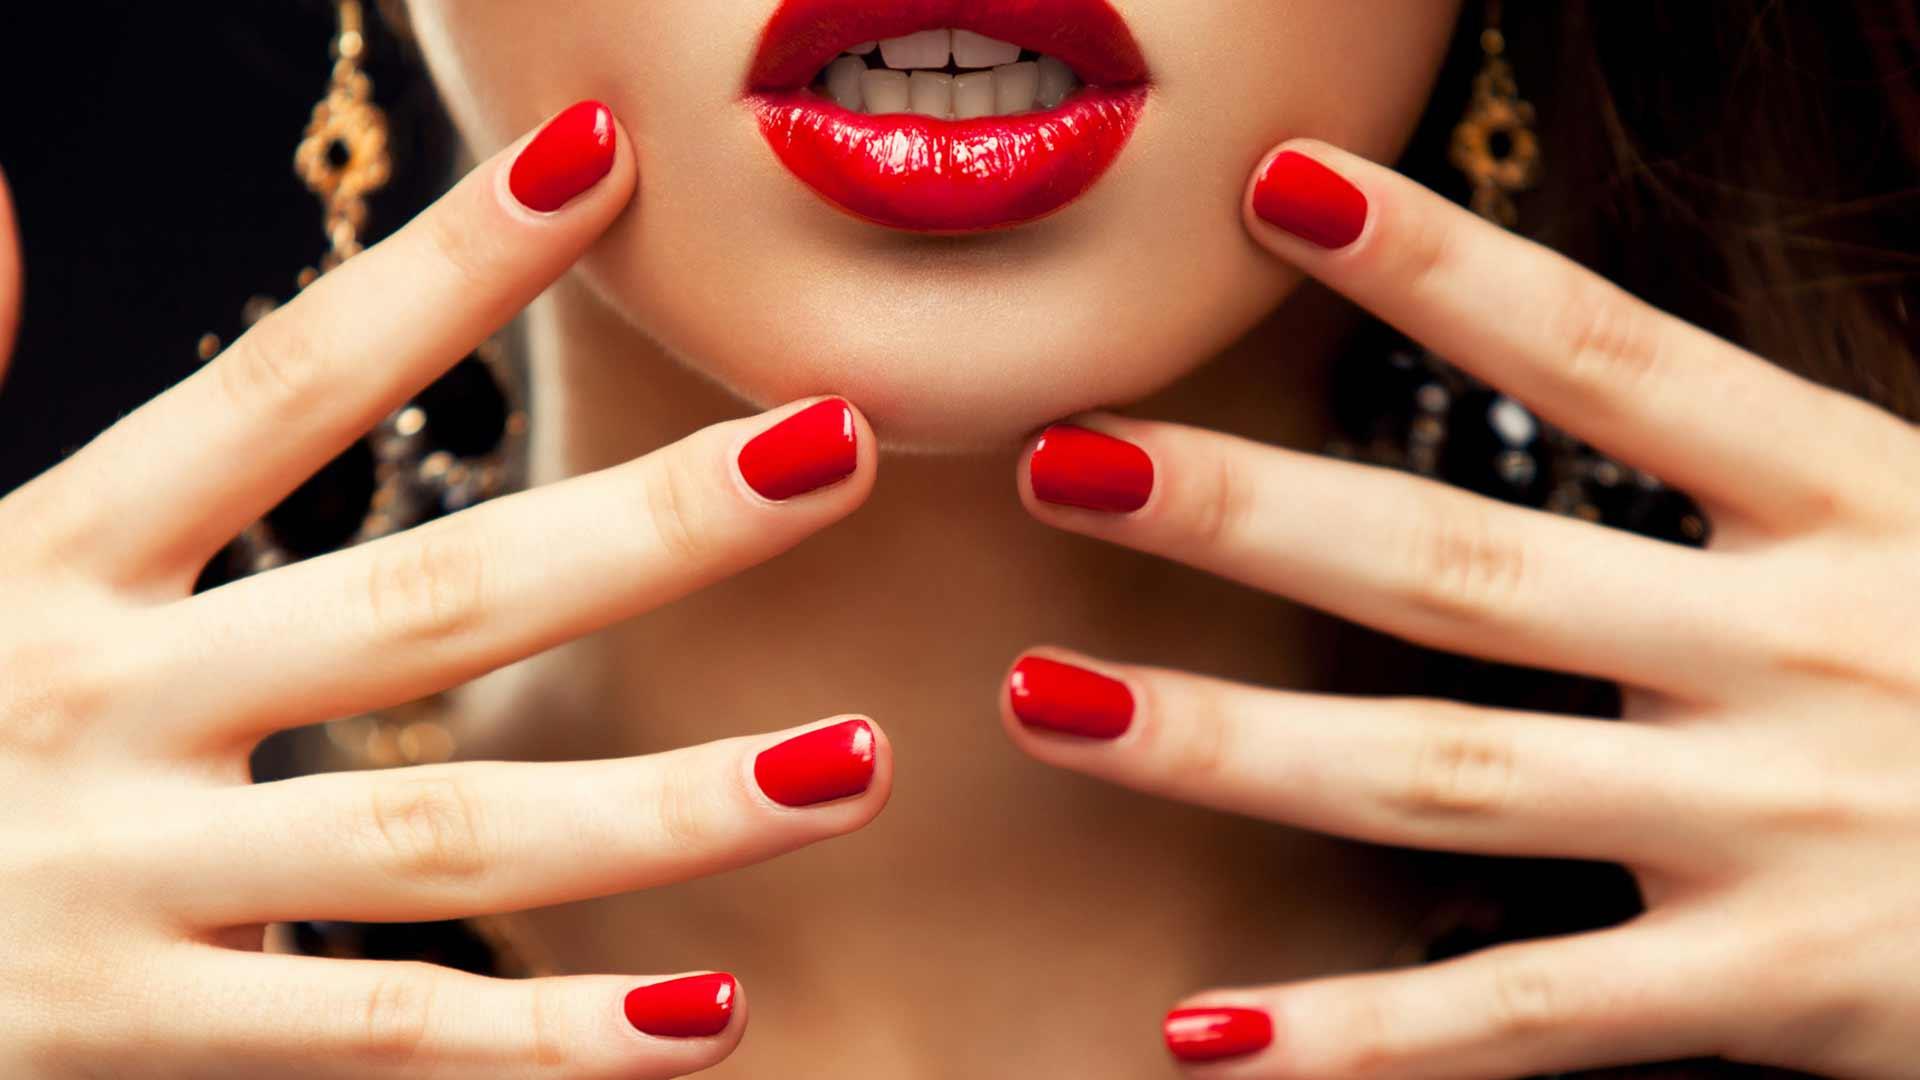 Τρως τα νύχια σου; Σύμφωνα με την επιστήμη είσαι…